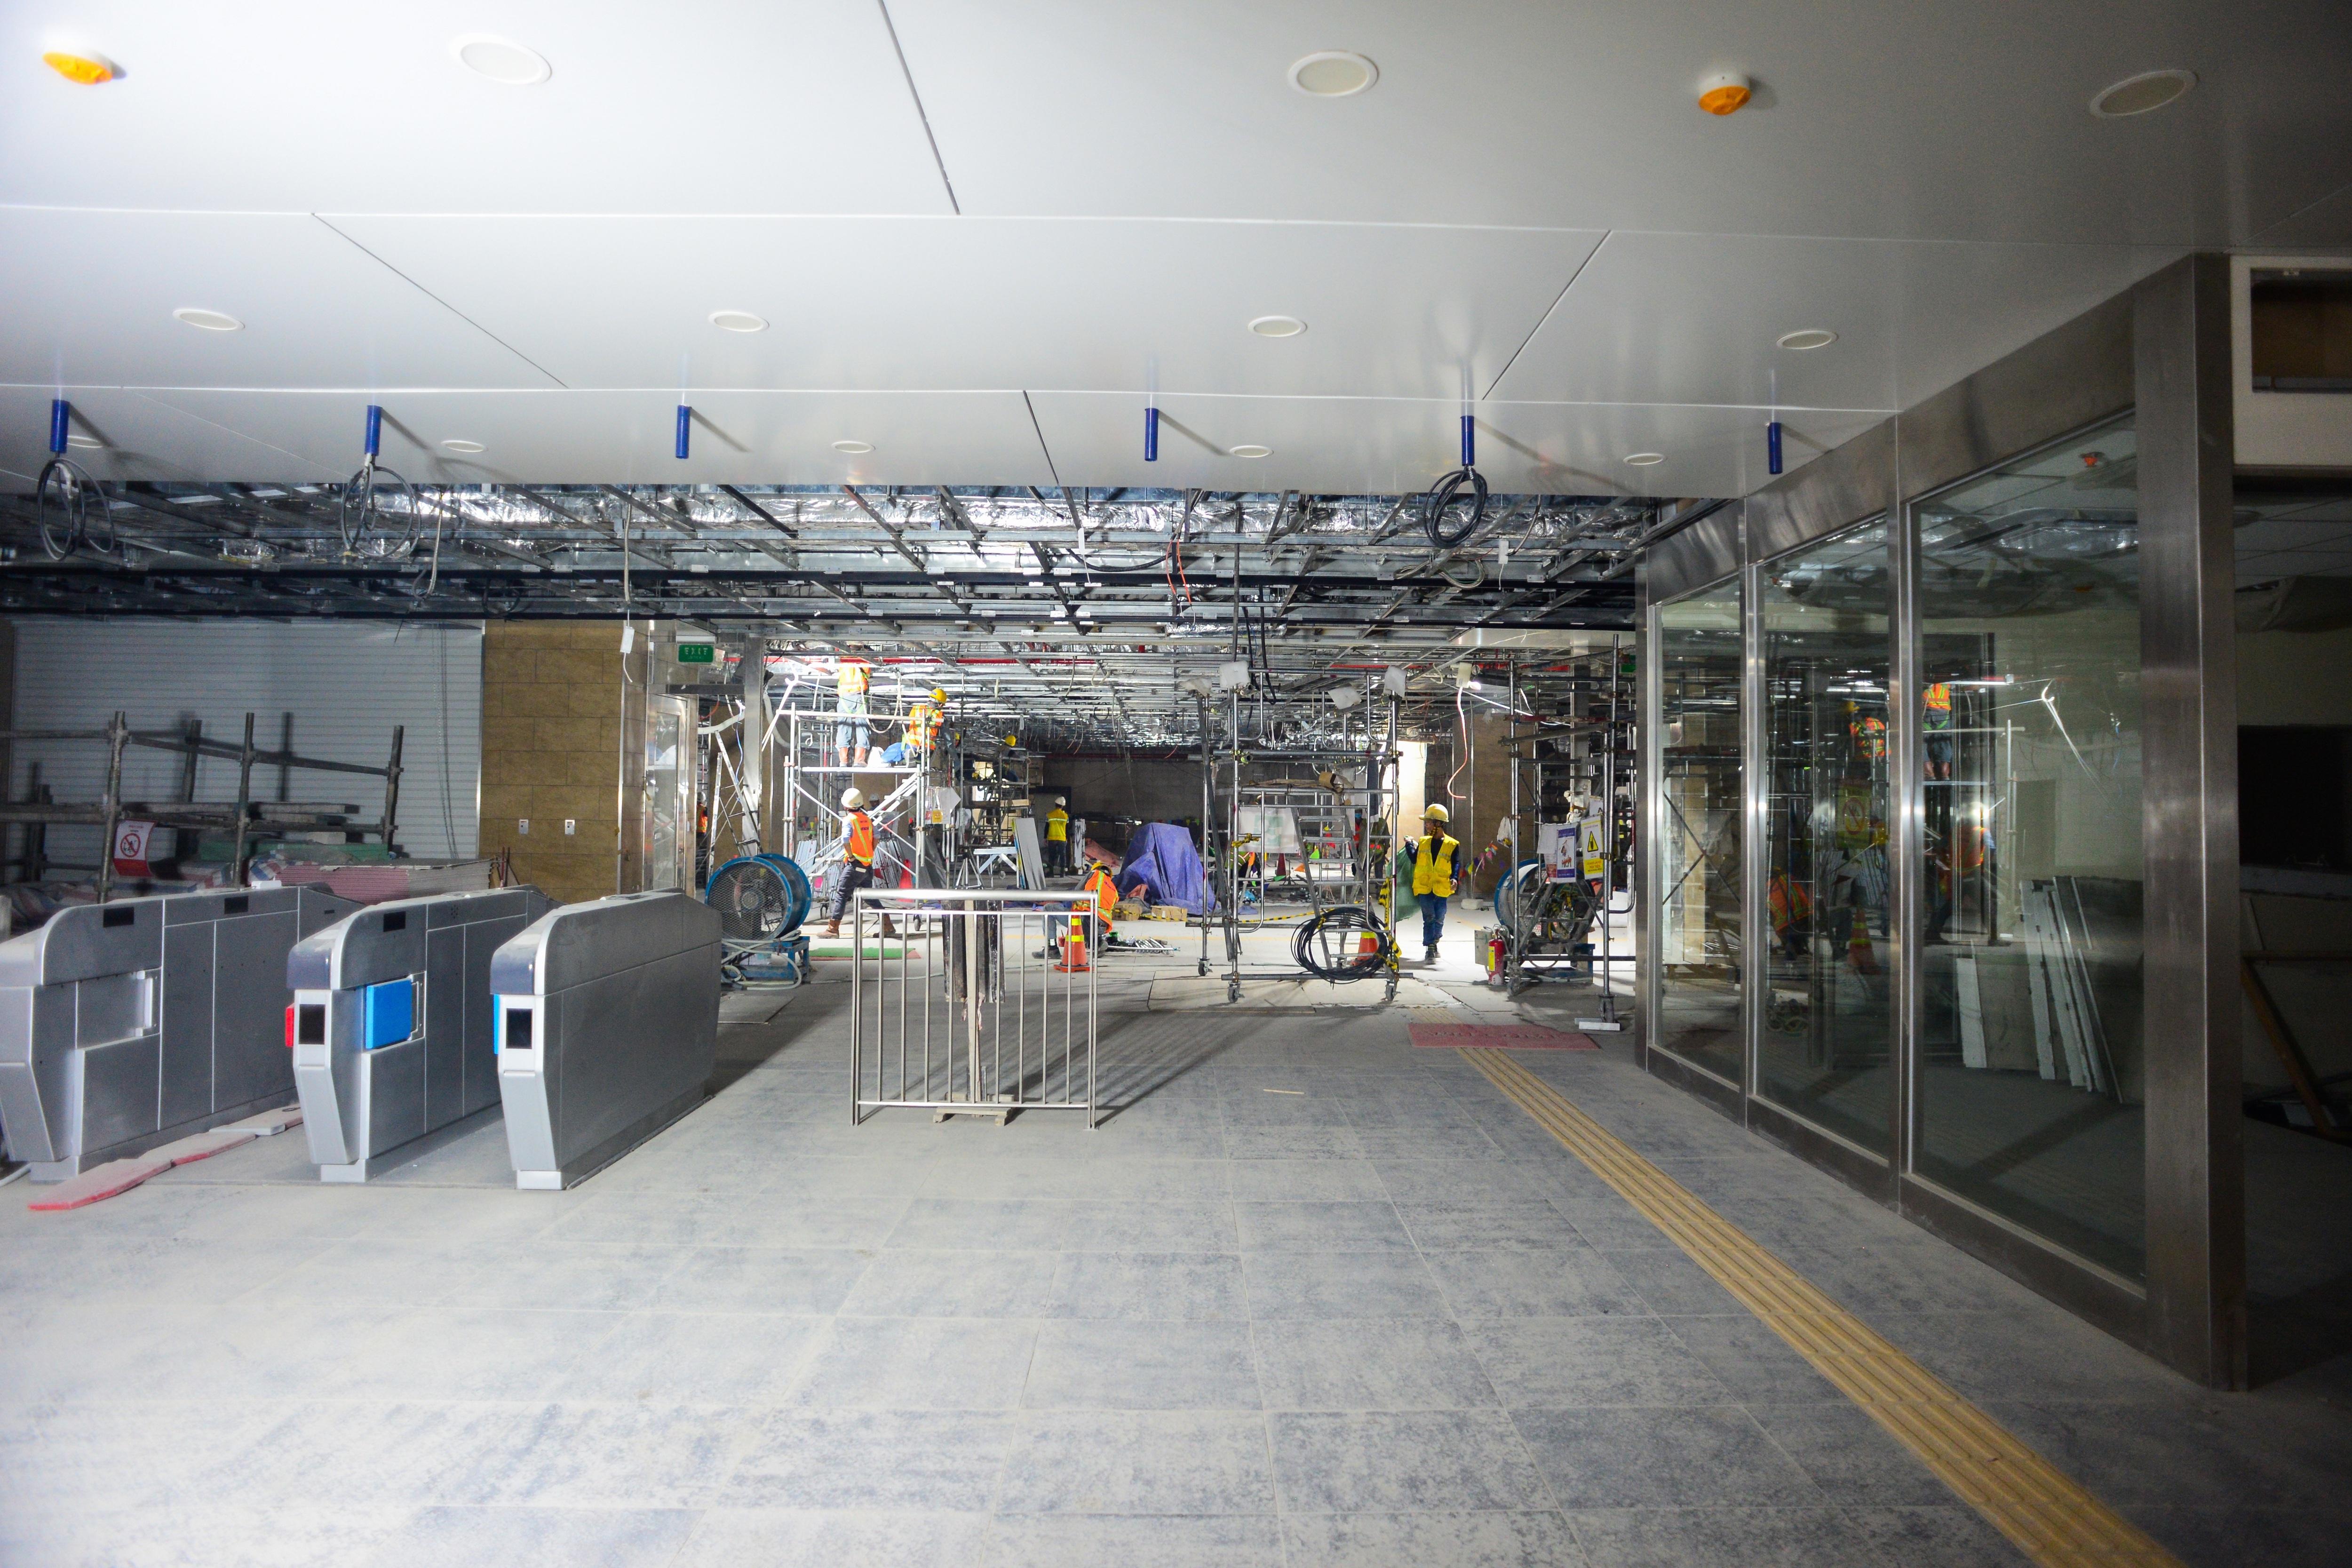 Ngắm tuyến metro đầu tiên của TPHCM sau gần 10 năm chờ đợi - 8